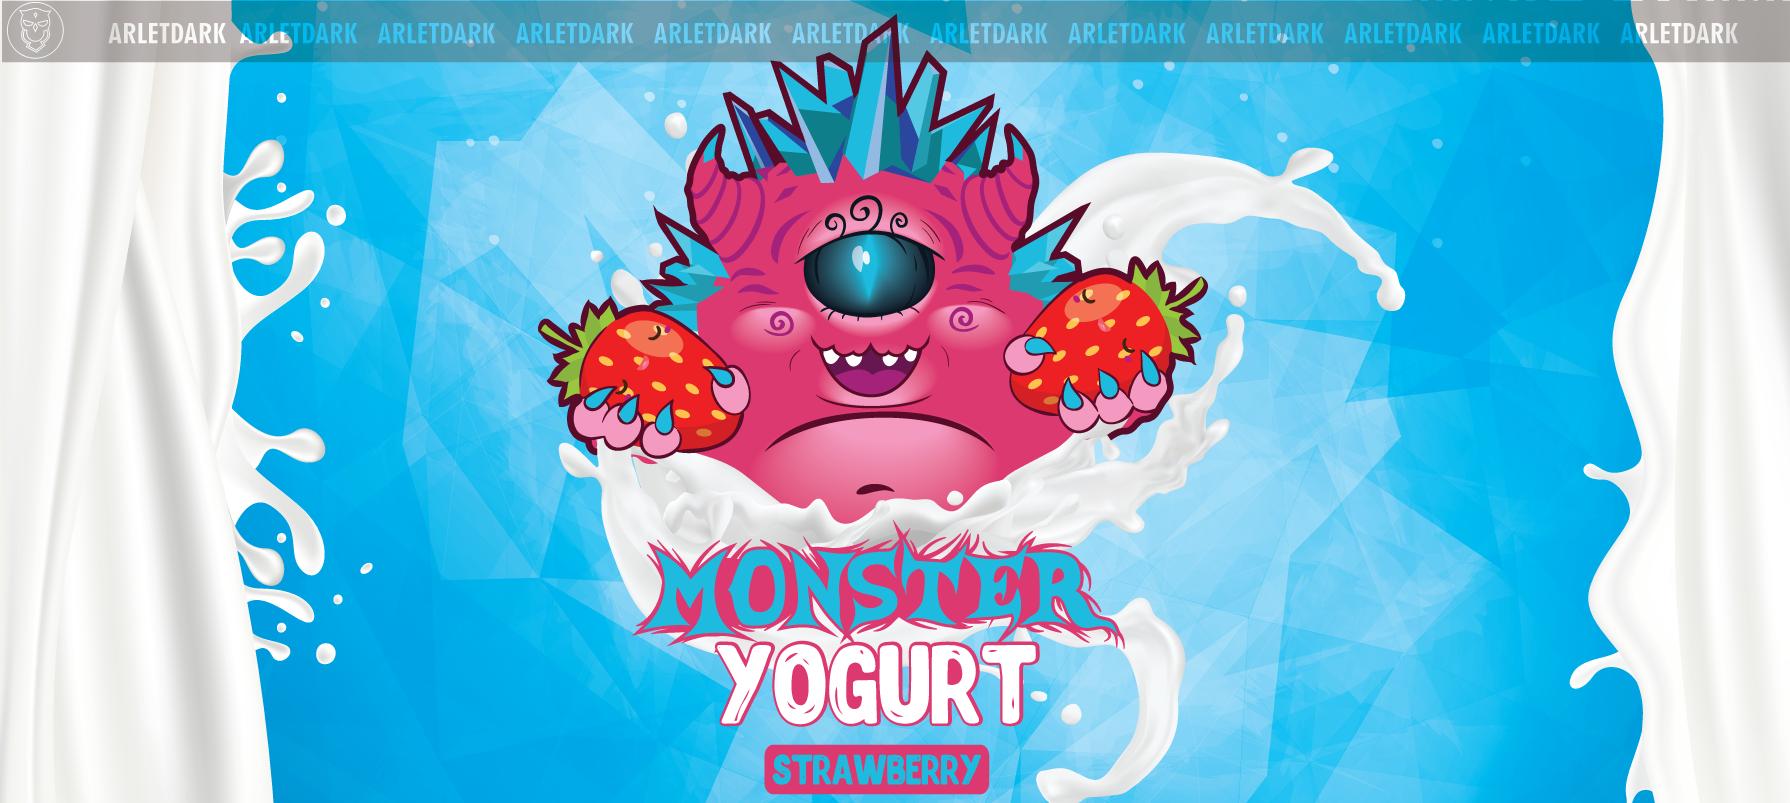 Monster yogurt strawberry